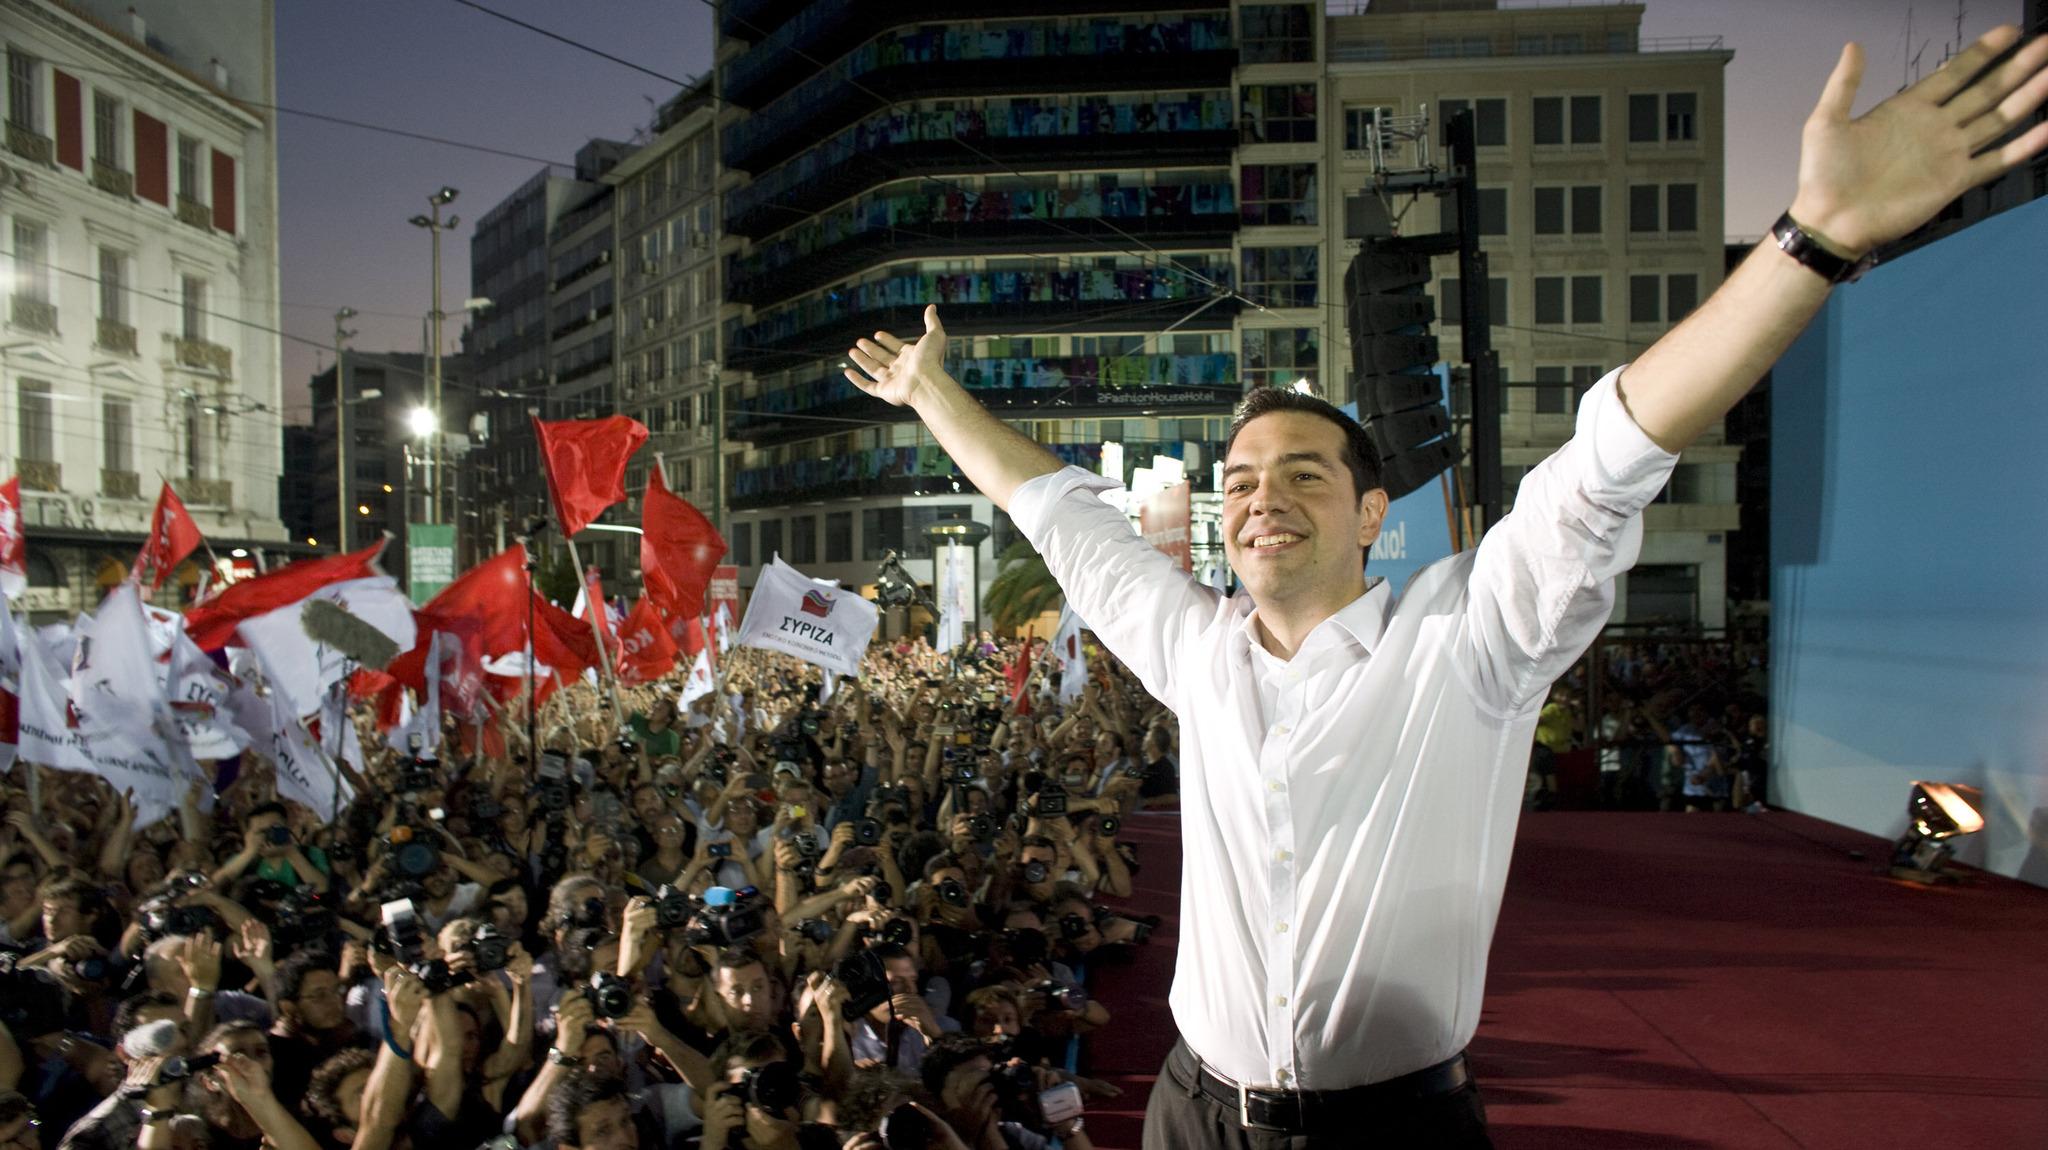 yunanistanda-erken-secim-kapida-syriza-favori-56836.jpg